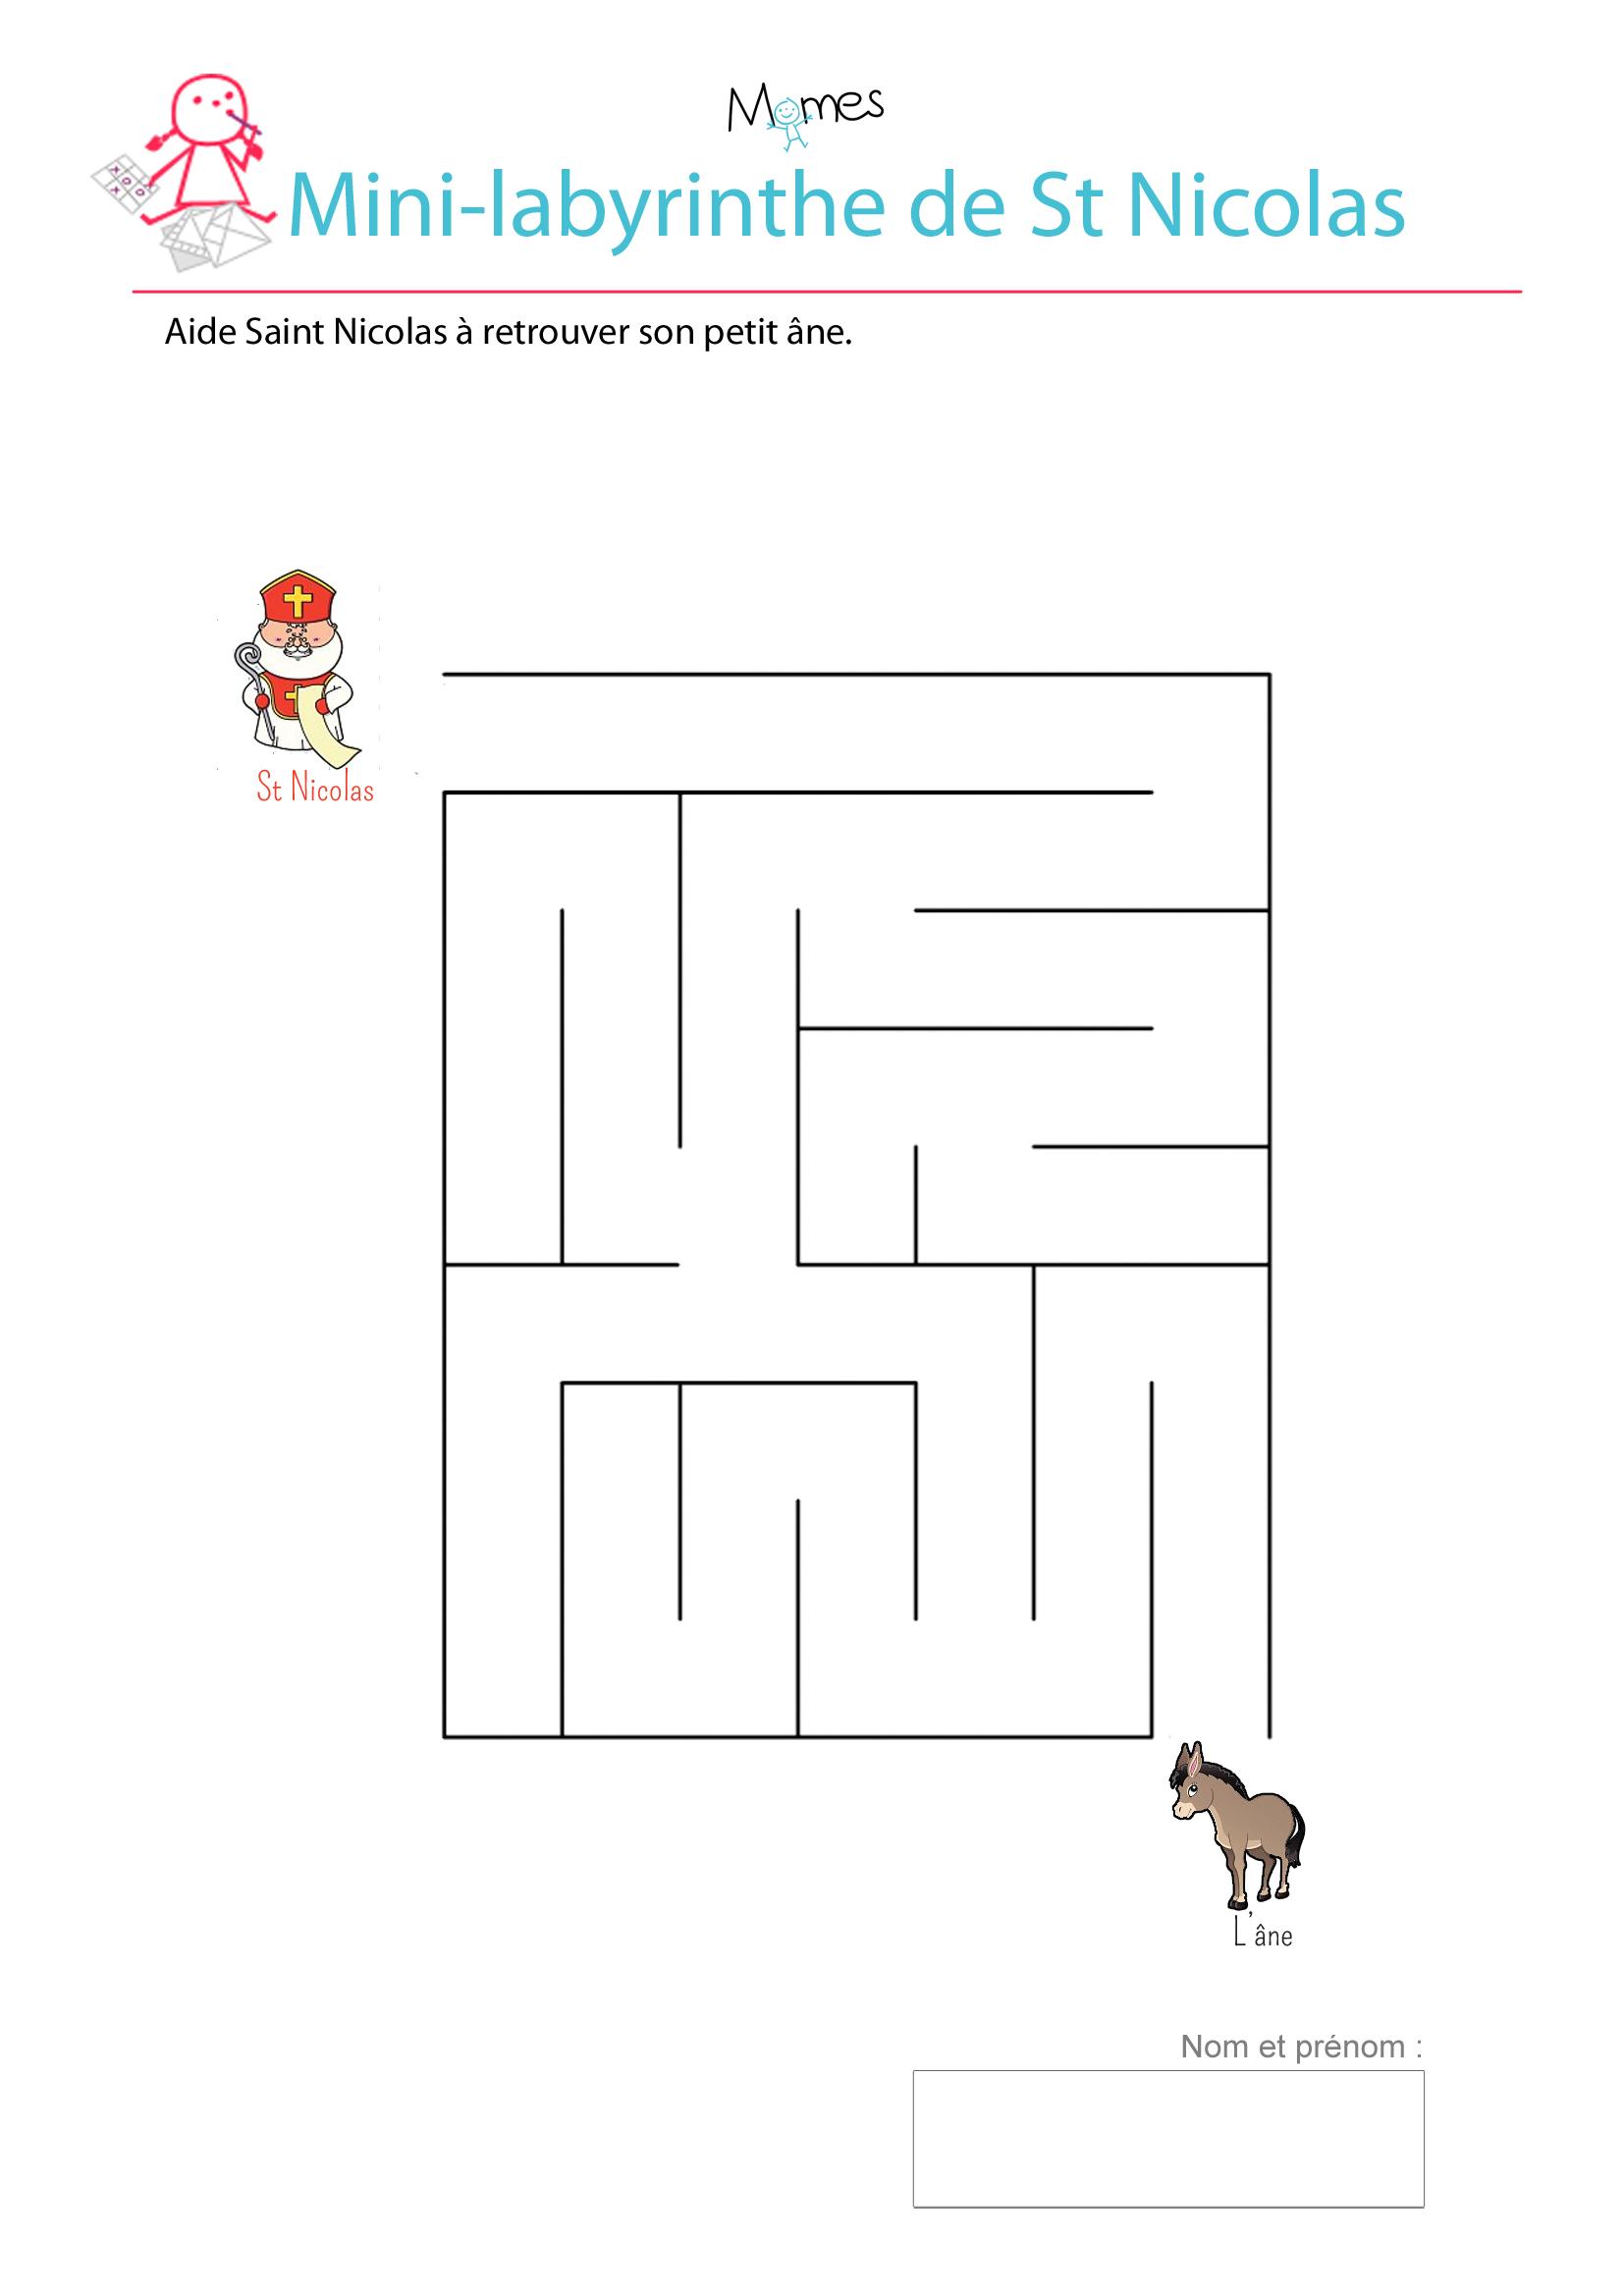 Le mini-labyrinthe de St Nicolas